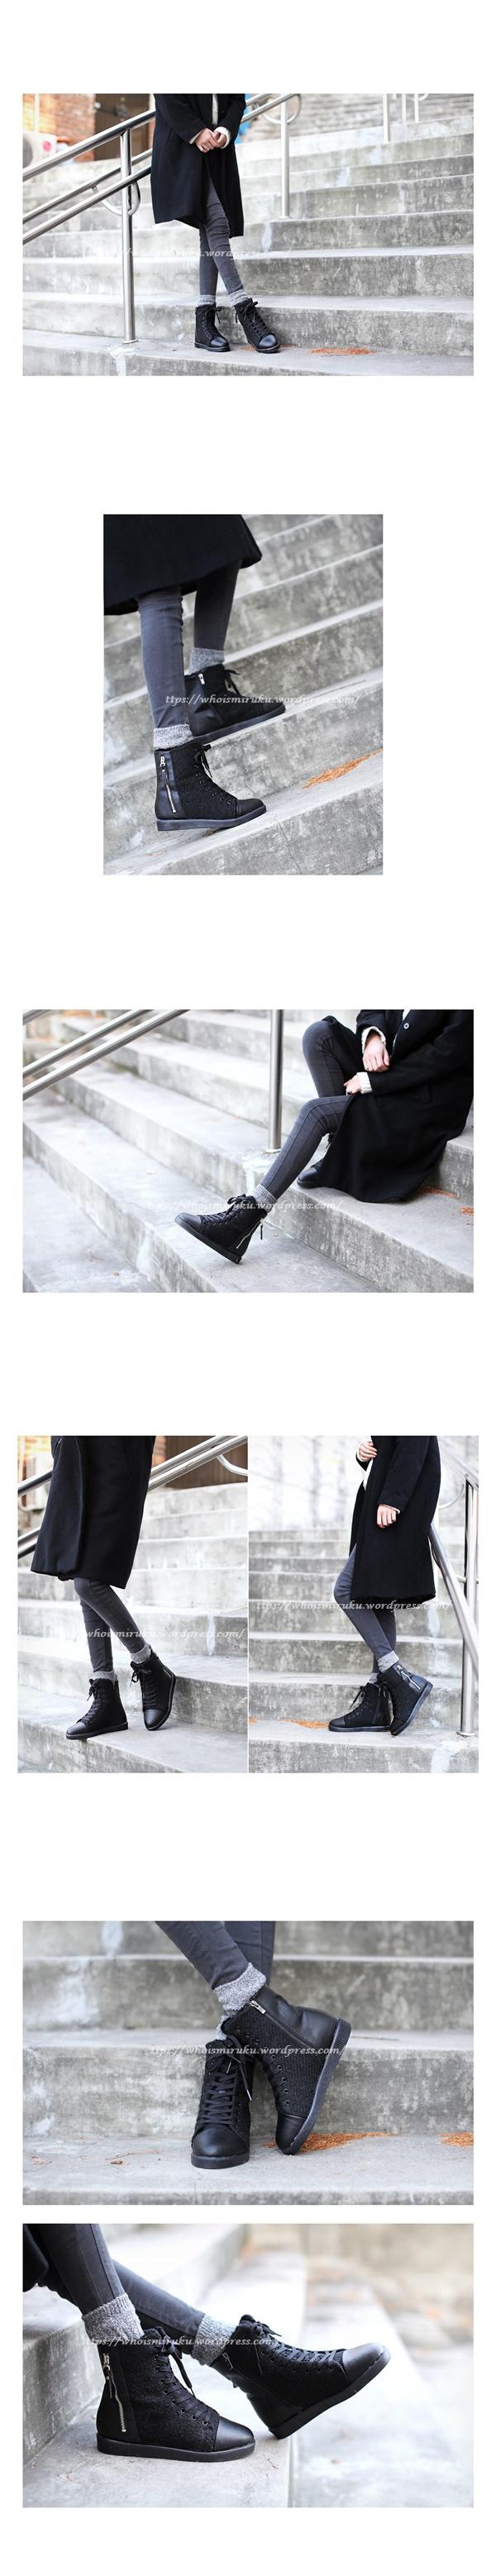 拉鍊毛尼球踝靴-3